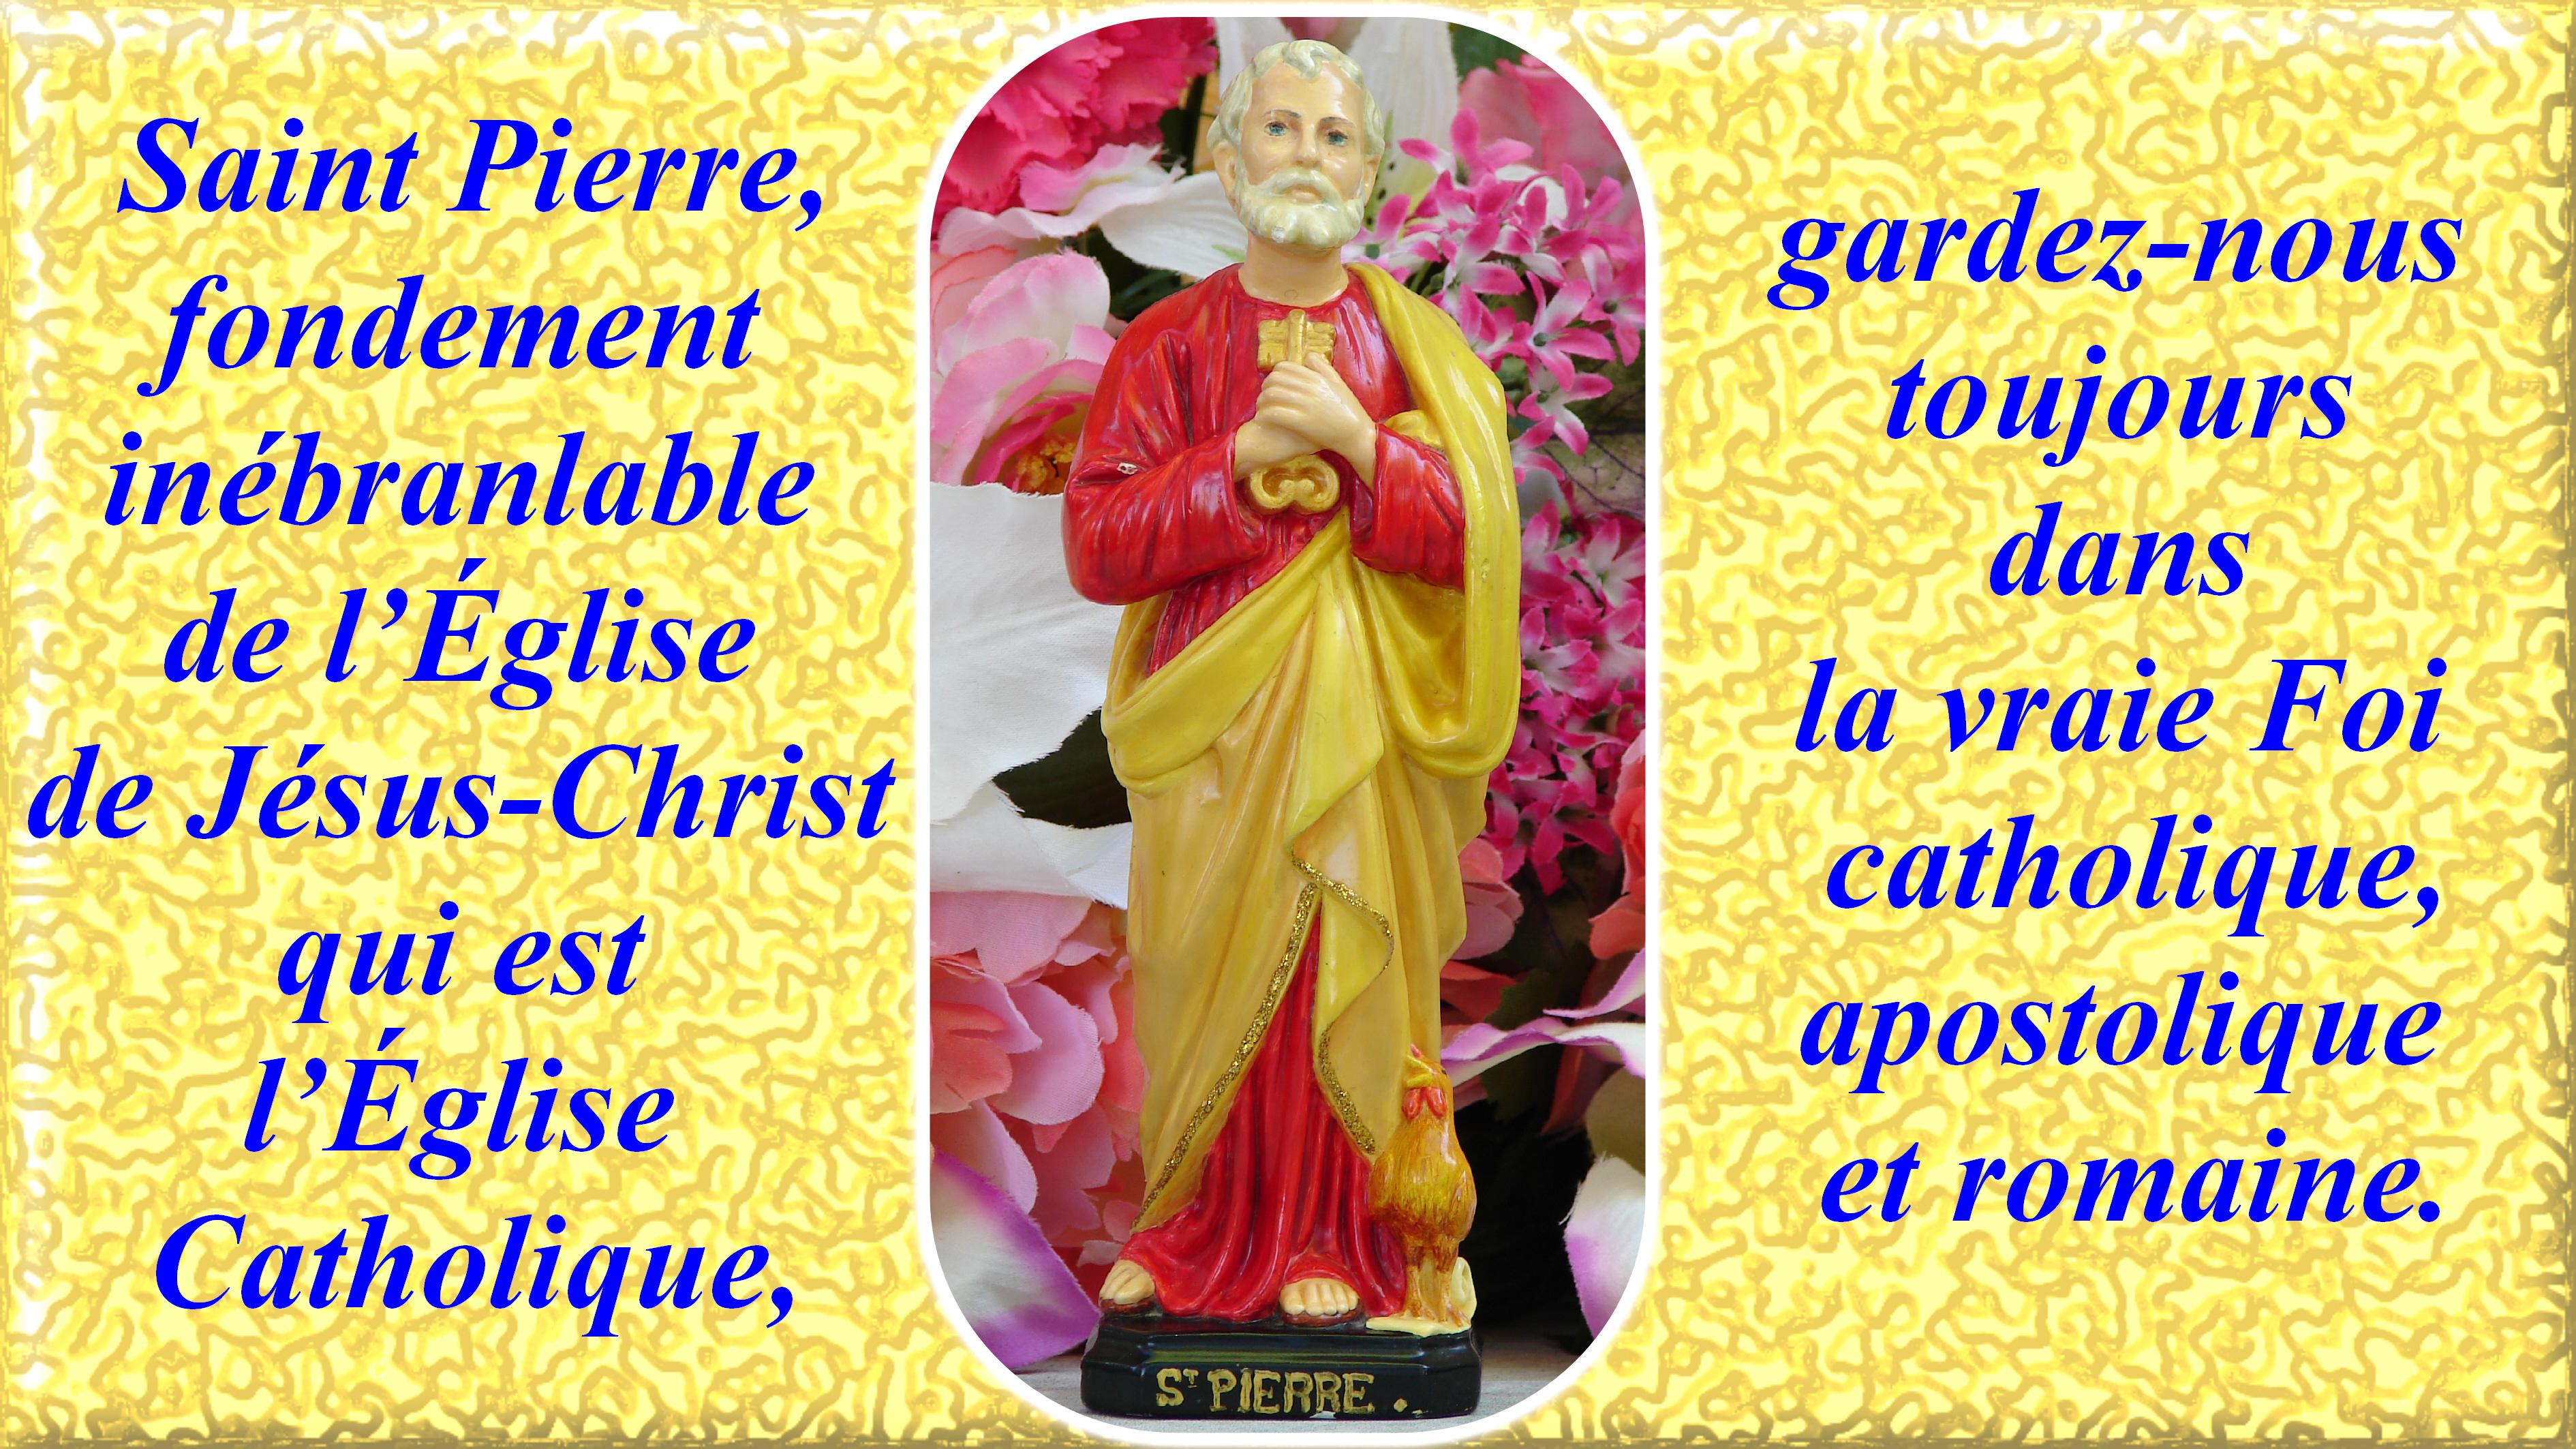 CALENDRIER CATHOLIQUE 2019 (Cantiques, Prières & Images) St-pierre-56541eb